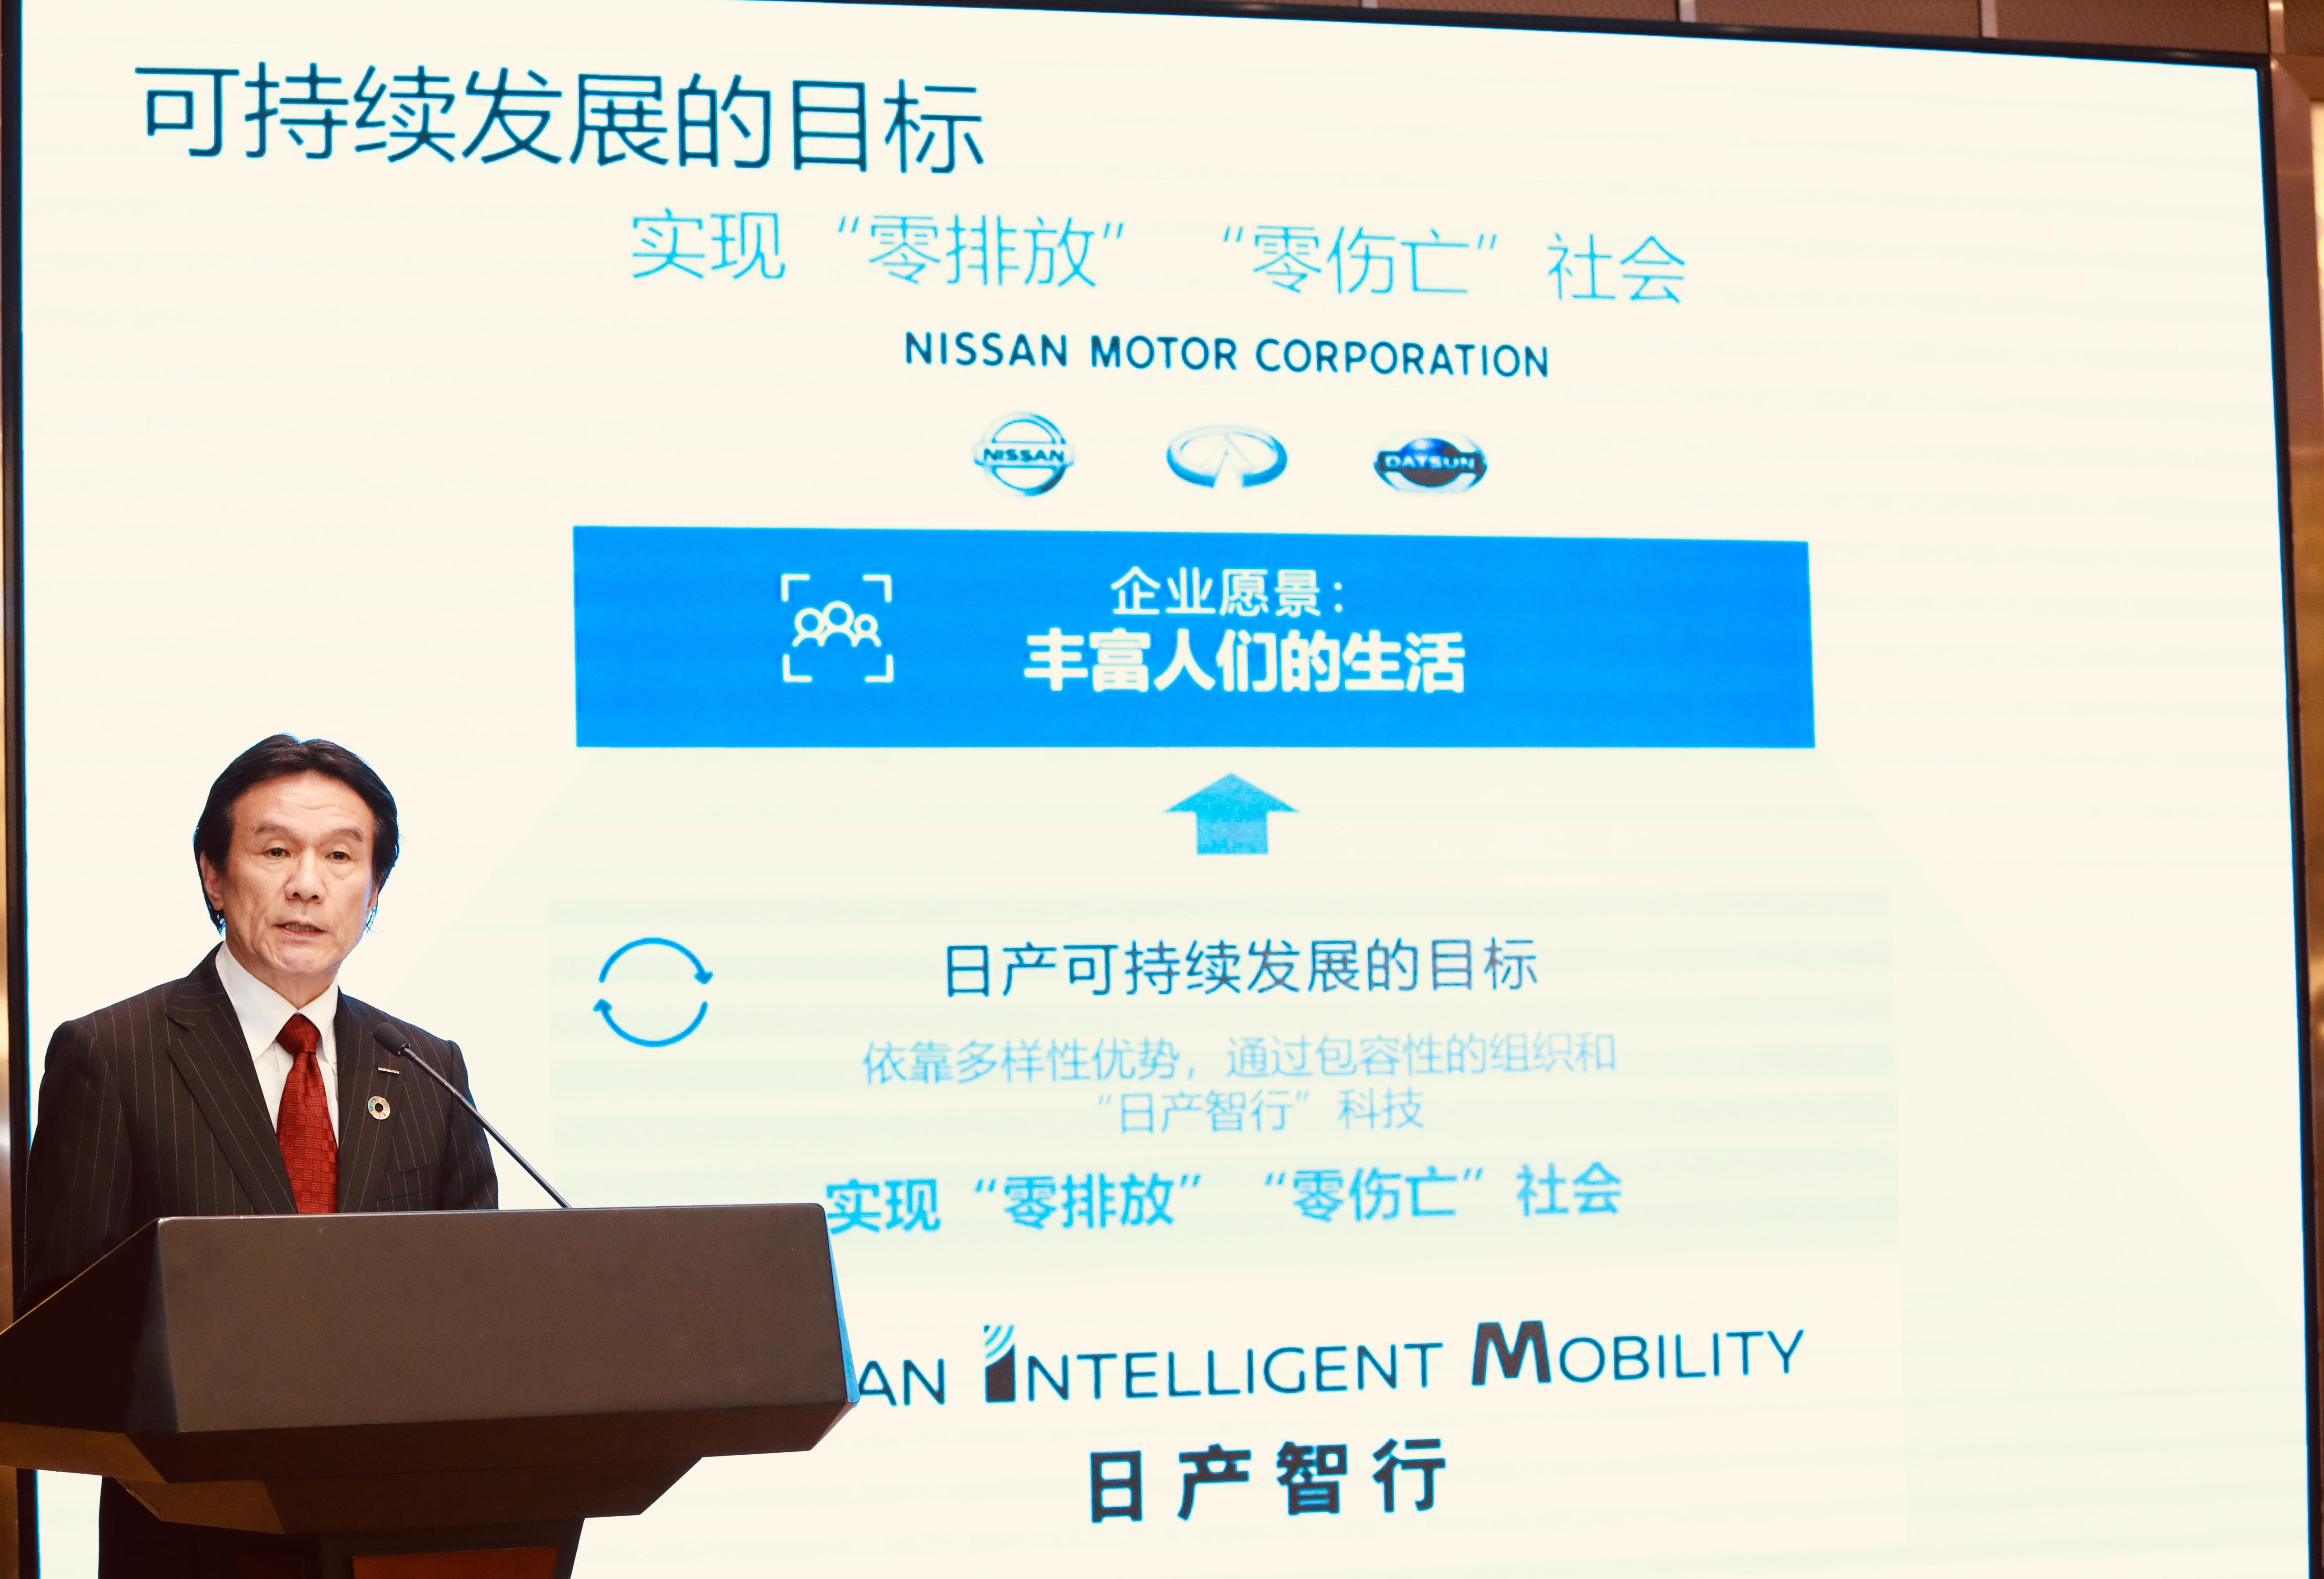 日产汽车公司执行副总裁、首席可持续发展官川口均介绍《日产汽车可持续发展规划2022》